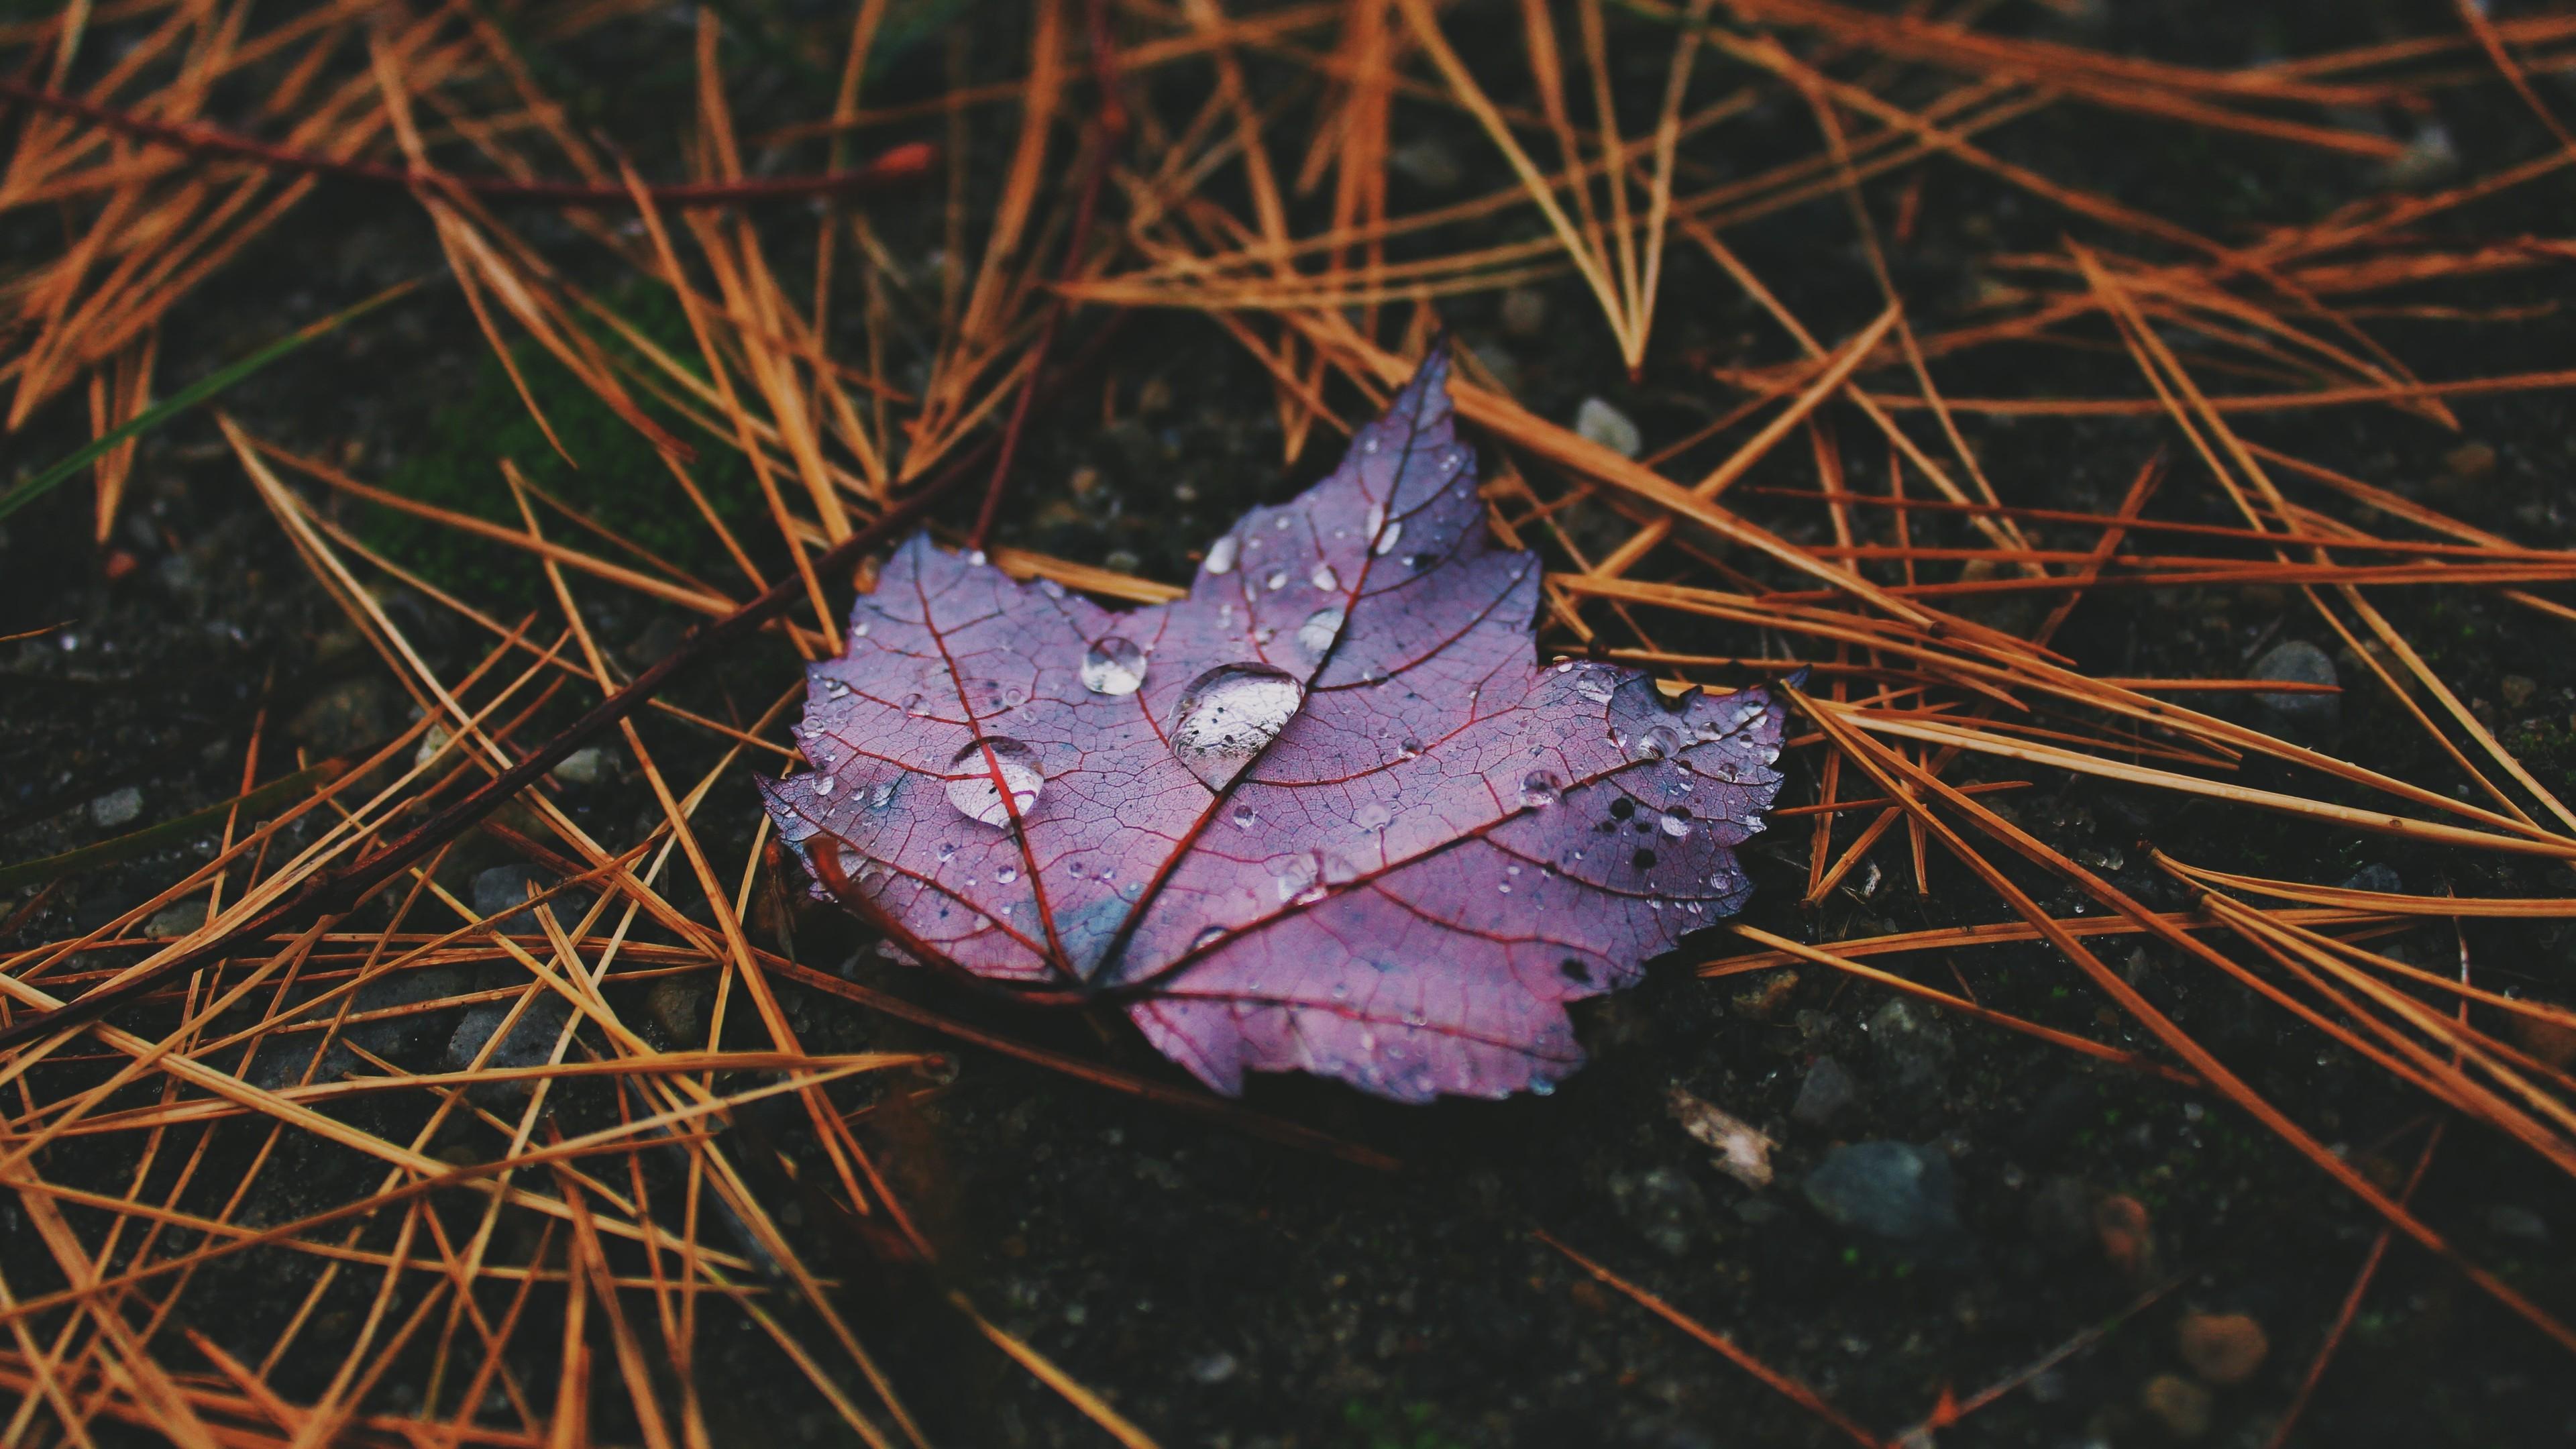 water drops on leaves 4k 1540139469 - Water Drops On Leaves 4k - water wallpapers, nature wallpapers, leaves wallpapers, hd-wallpapers, drops wallpapers, 5k wallpapers, 4k-wallpapers